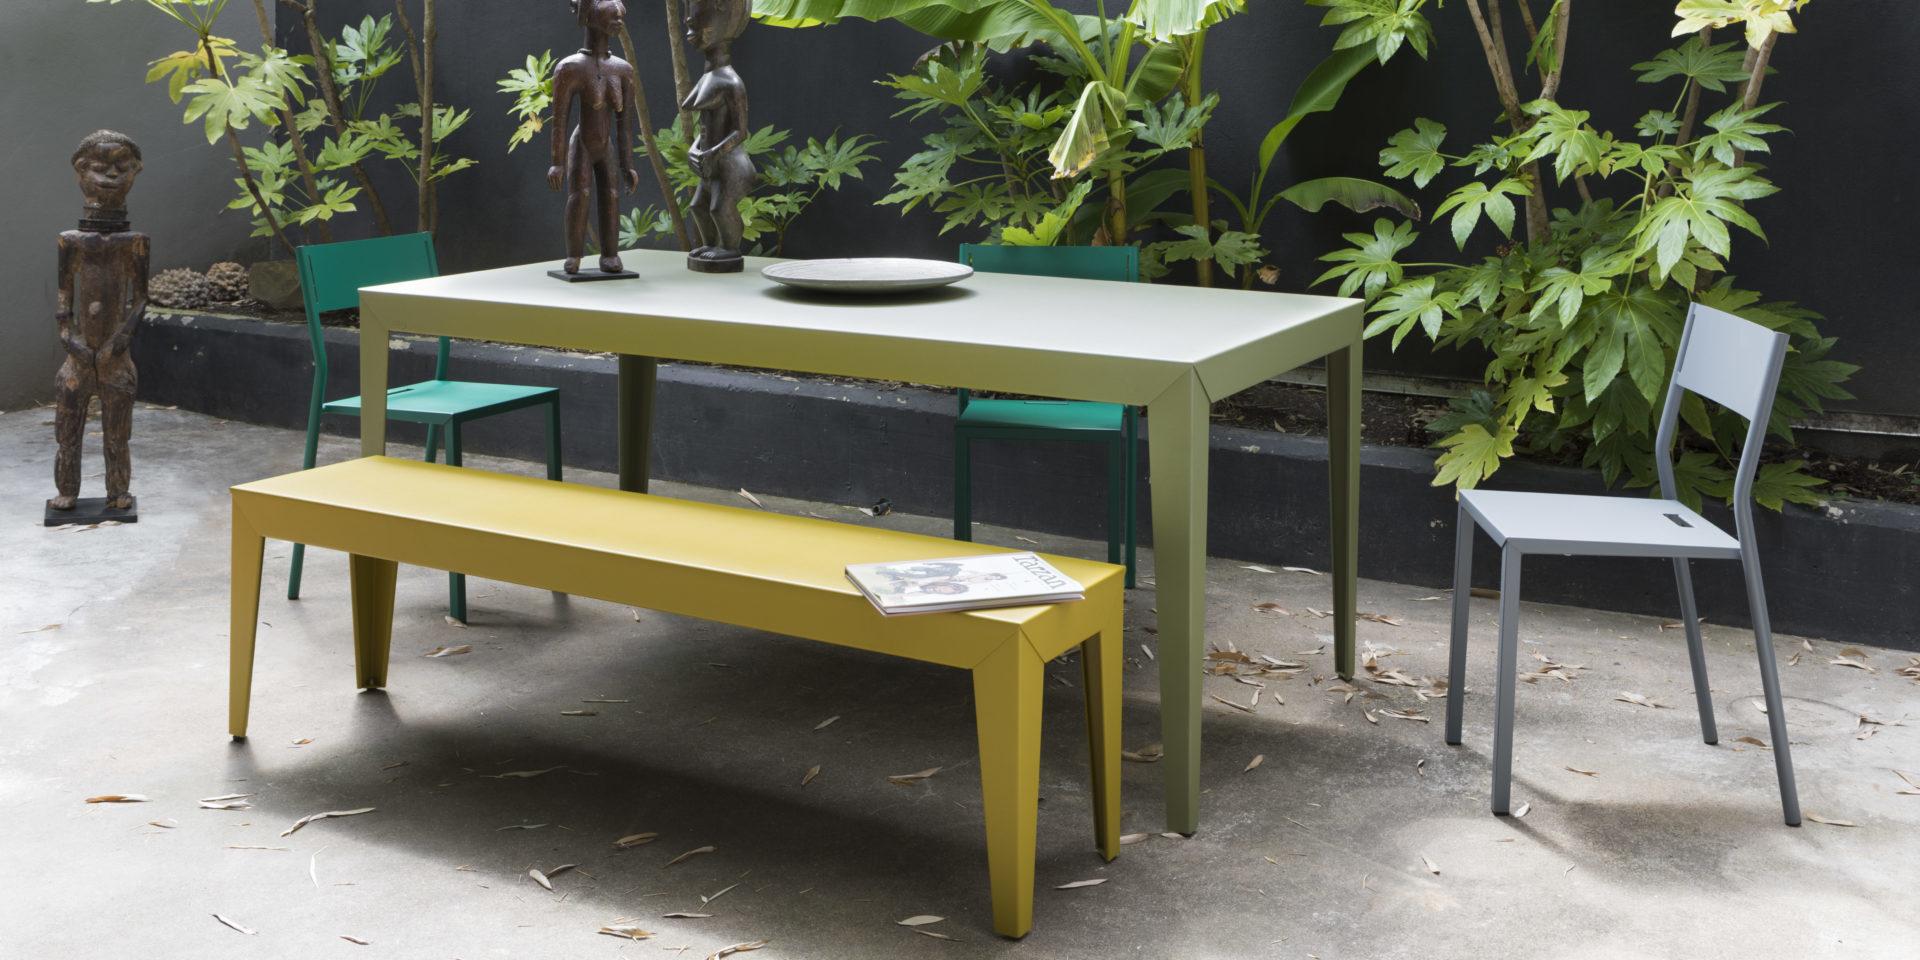 Matière grise ZEF table de jardin BUXUS Bordeaux